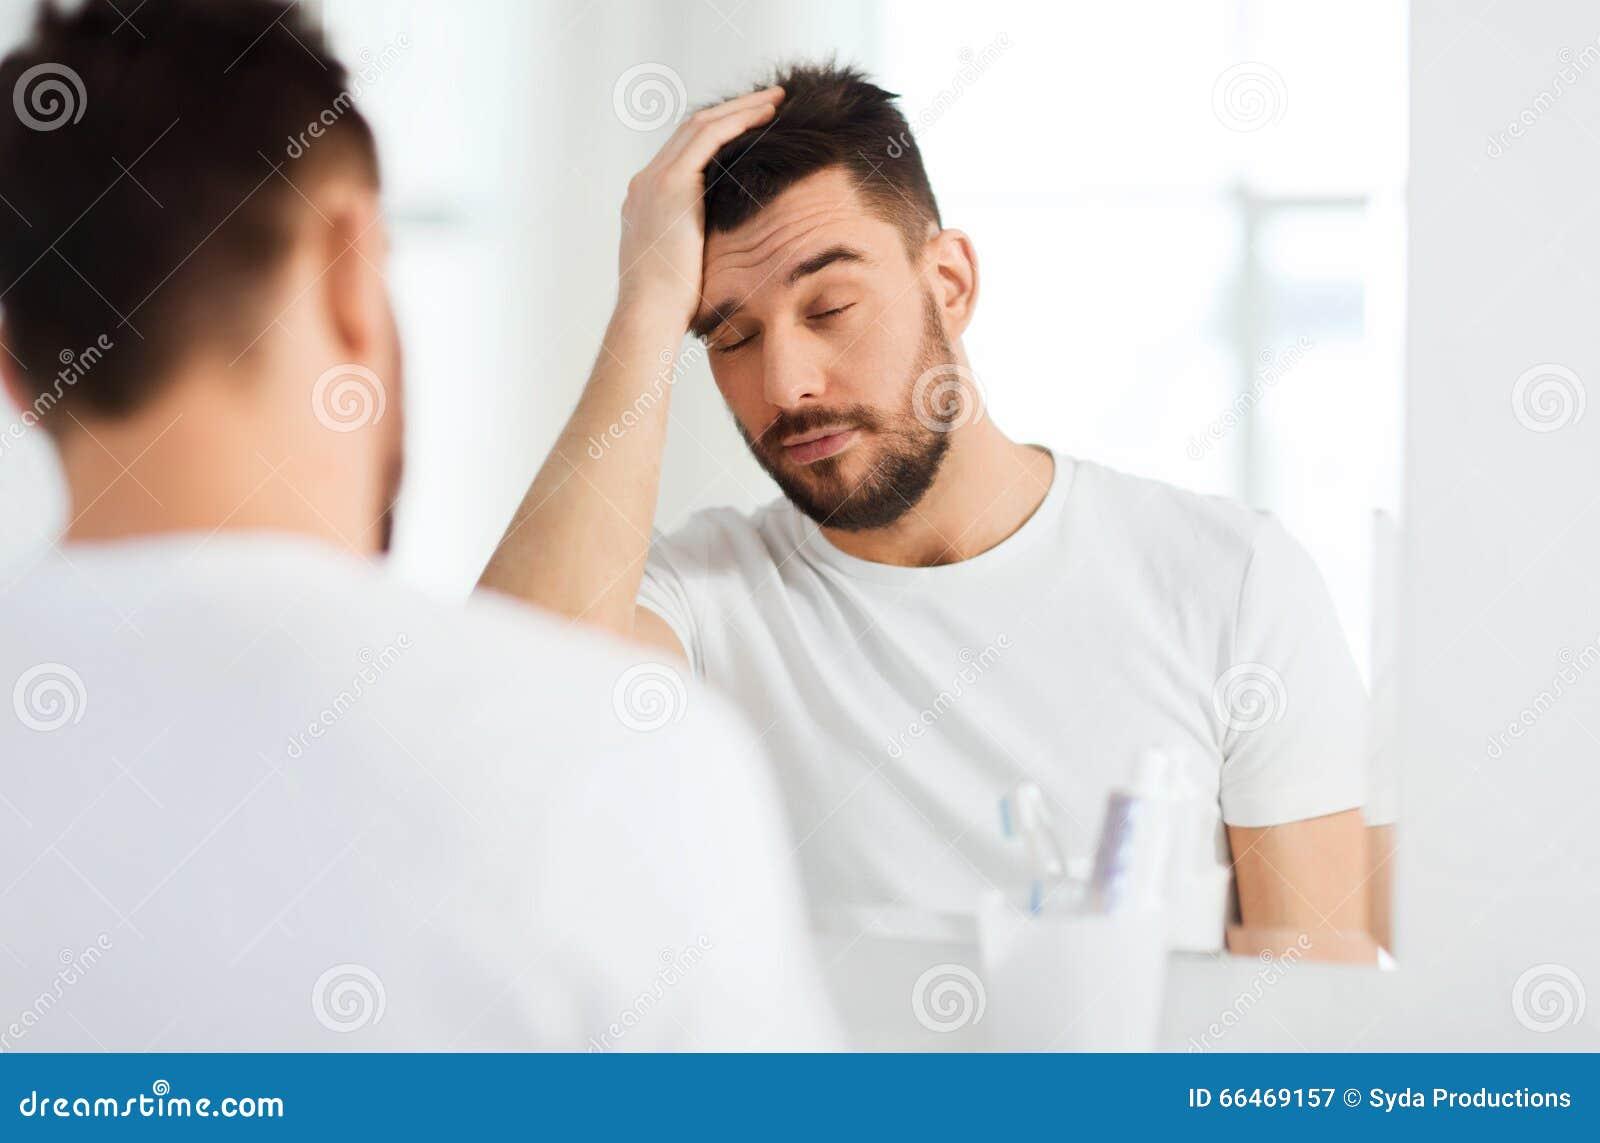 Frau wichst mann vor spiegel